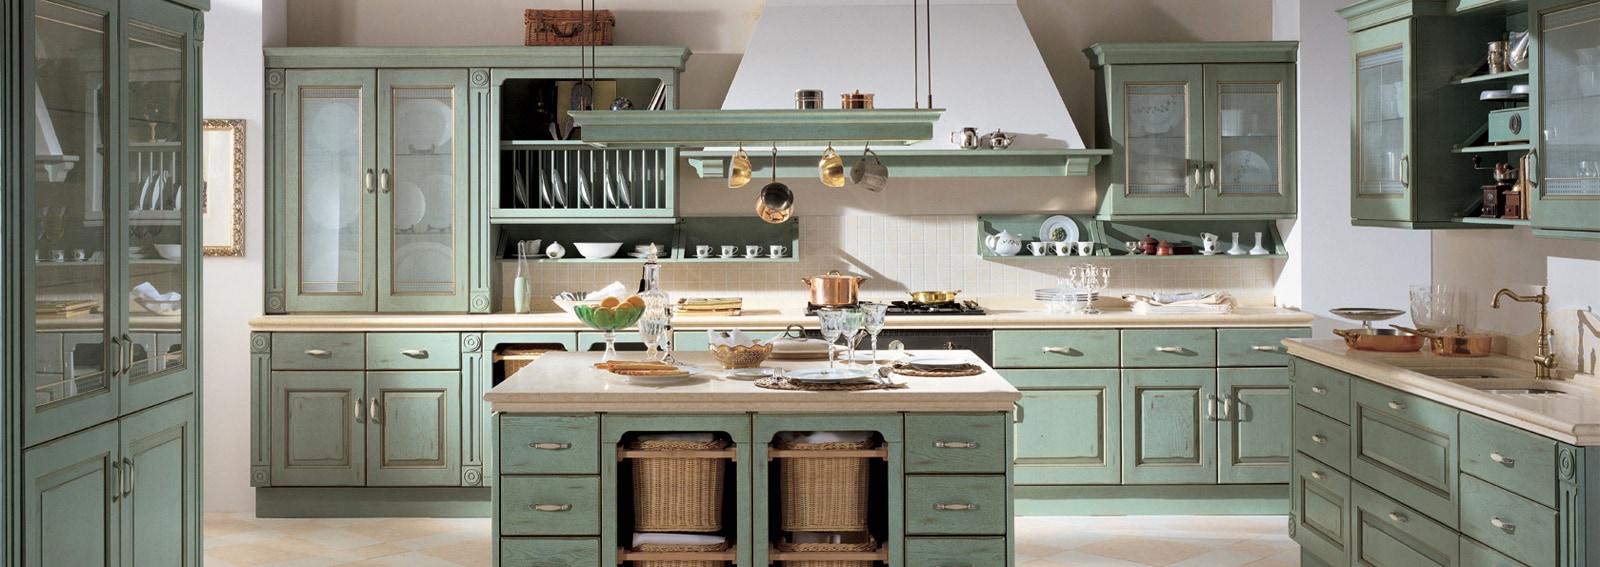 Cucine rustiche come sceglierle e arredarle senza errori - Cucine senza elettrodomestici ...